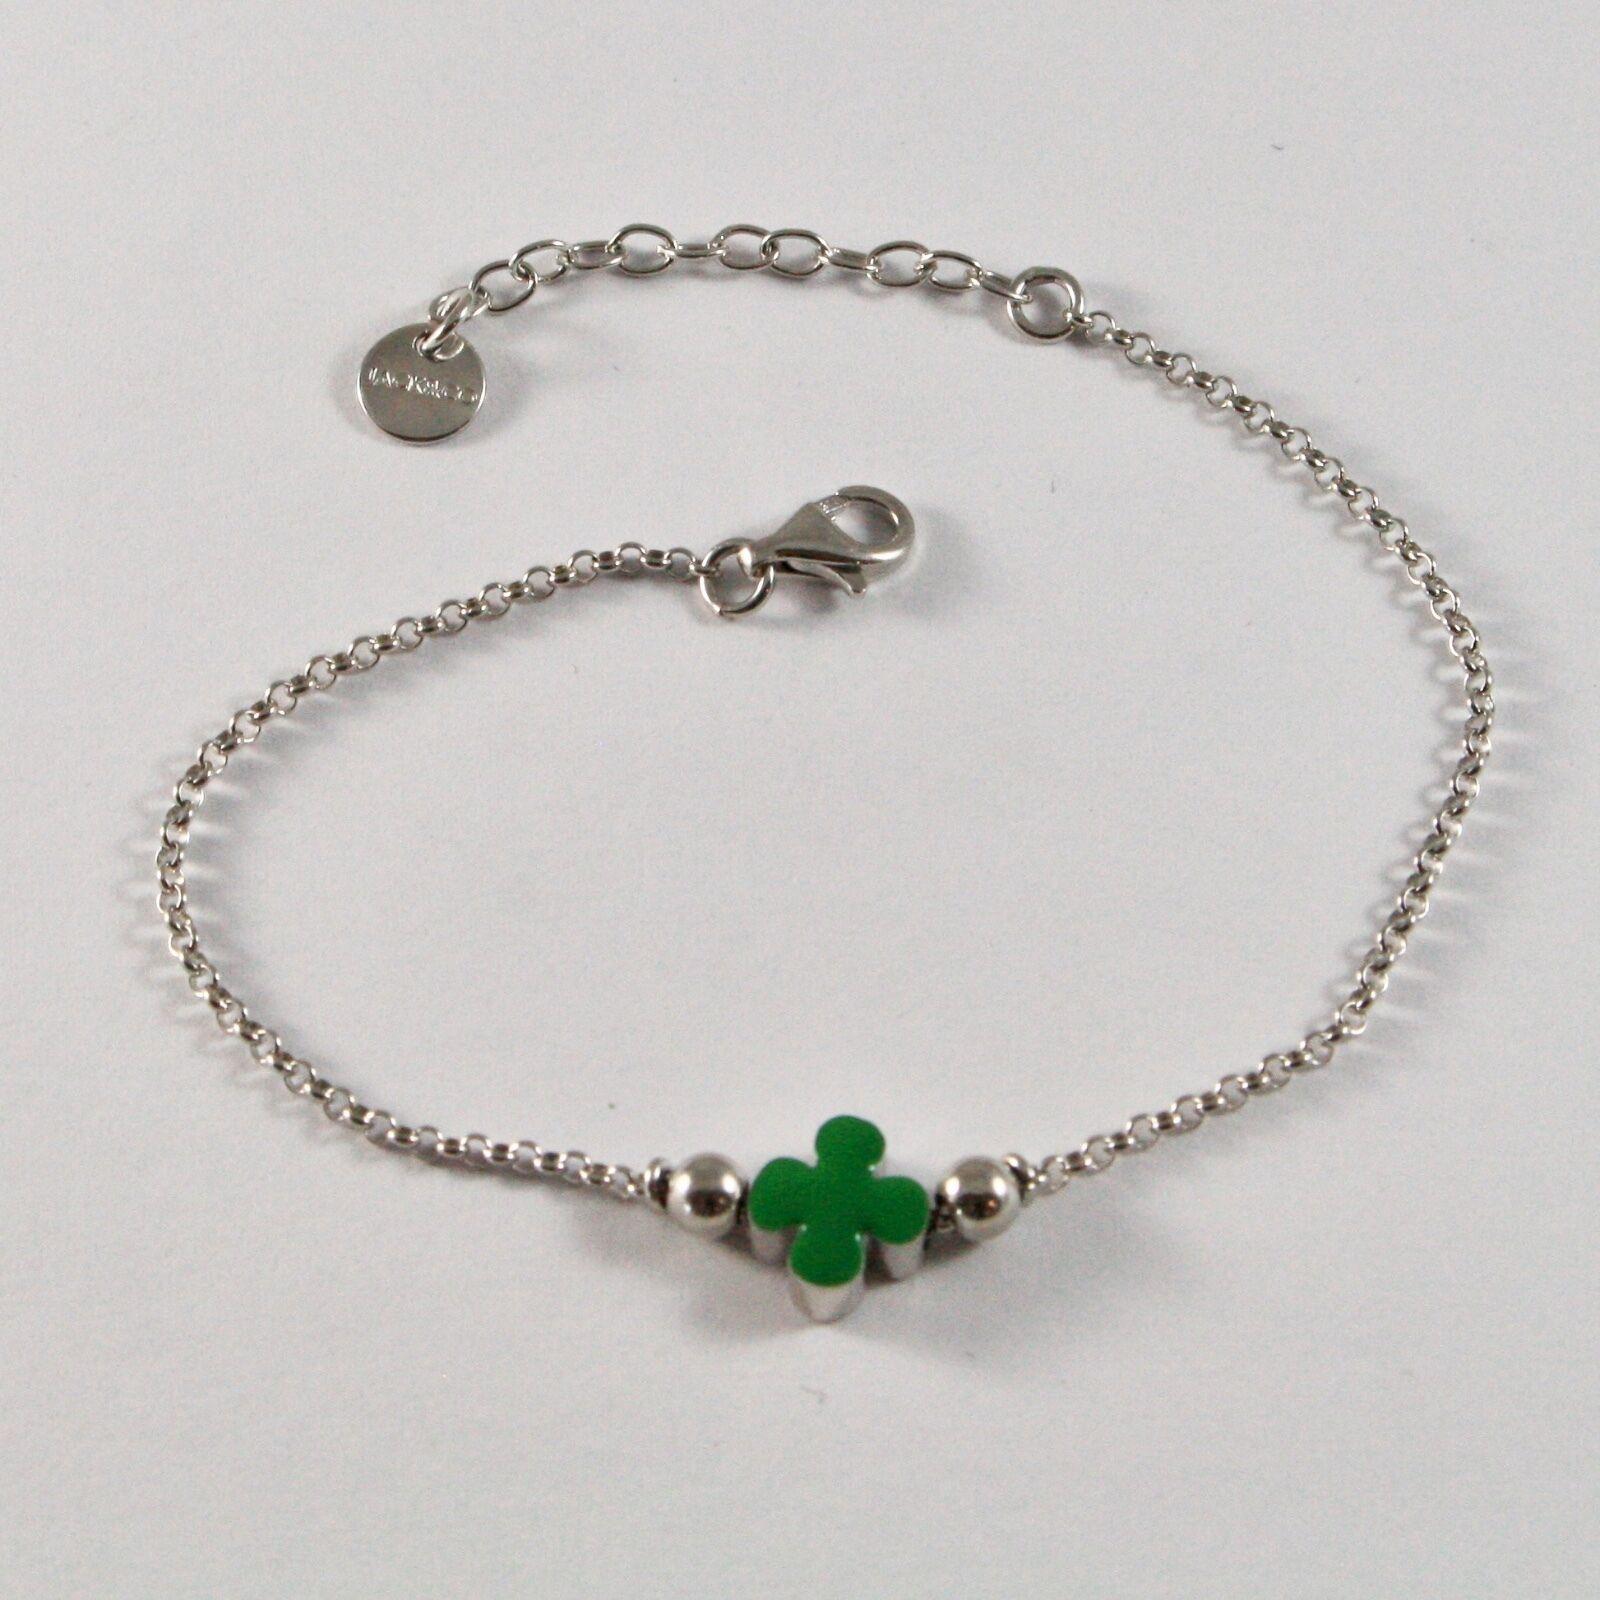 Bracelet en Argent 925 Jack&co Trèfle Porte- Fortuna Émaillé JCB0904